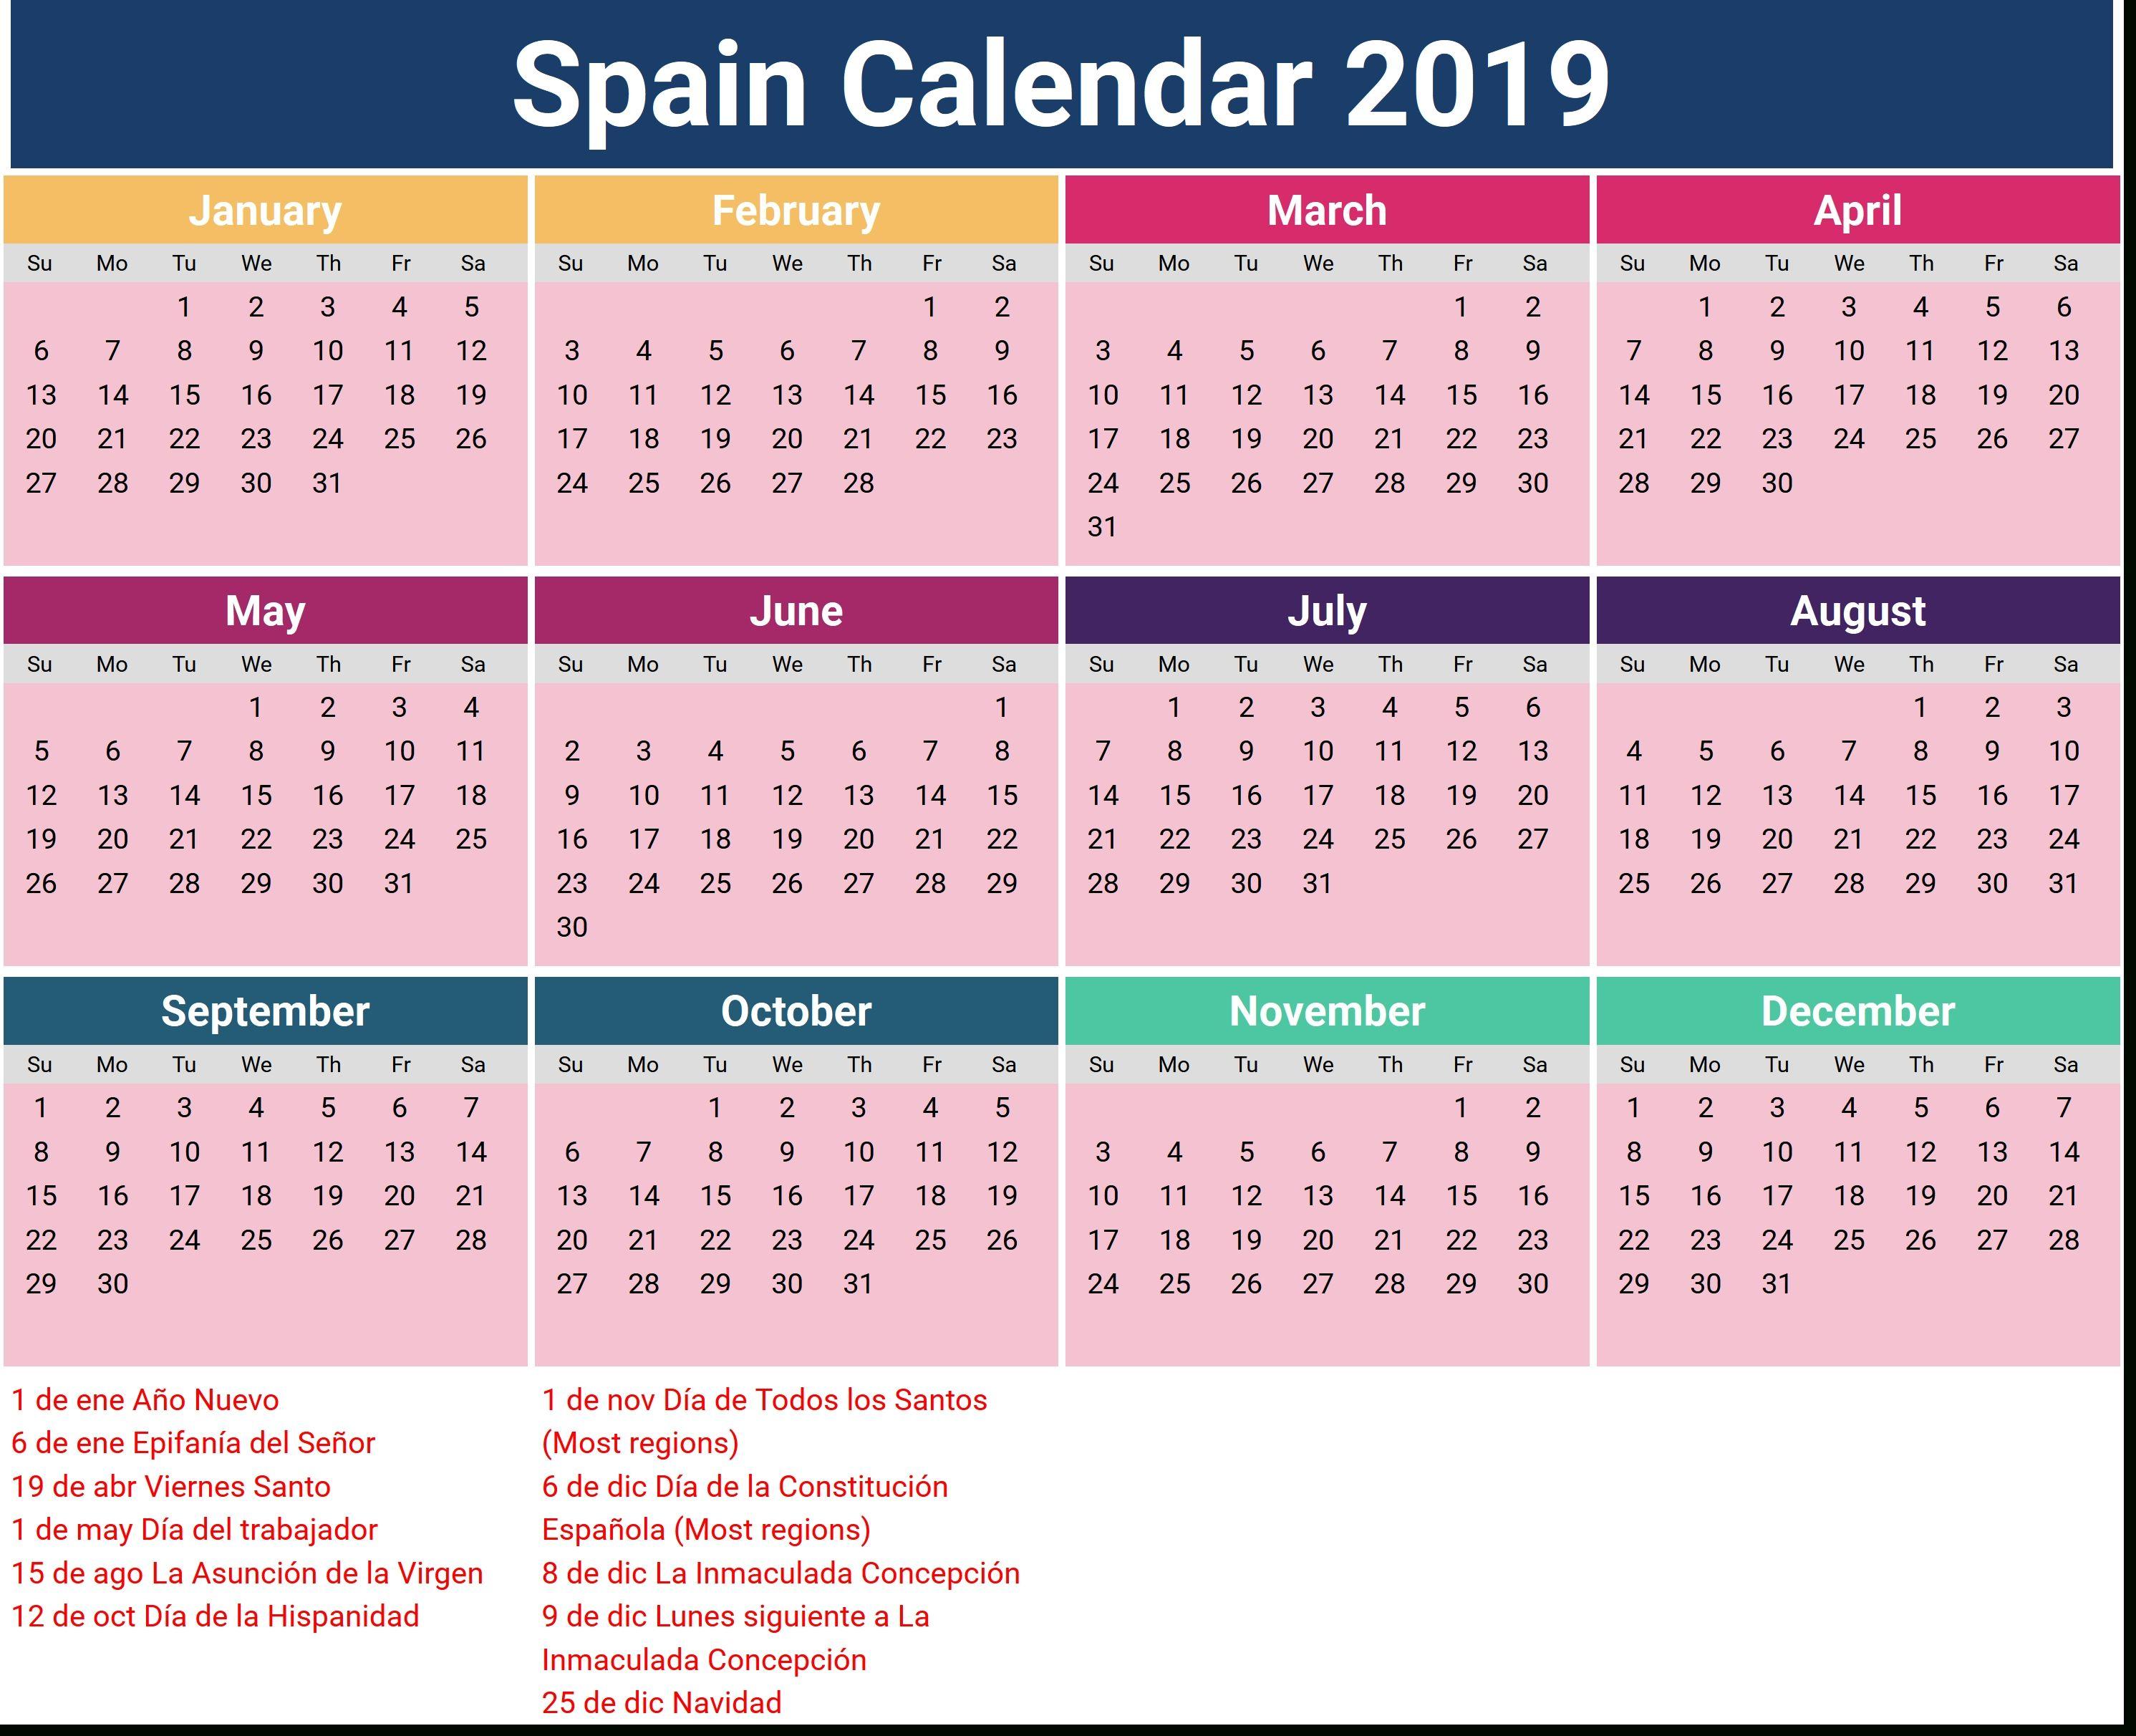 Free Printable Editable Calendar 2019 With Spain Holidays ...